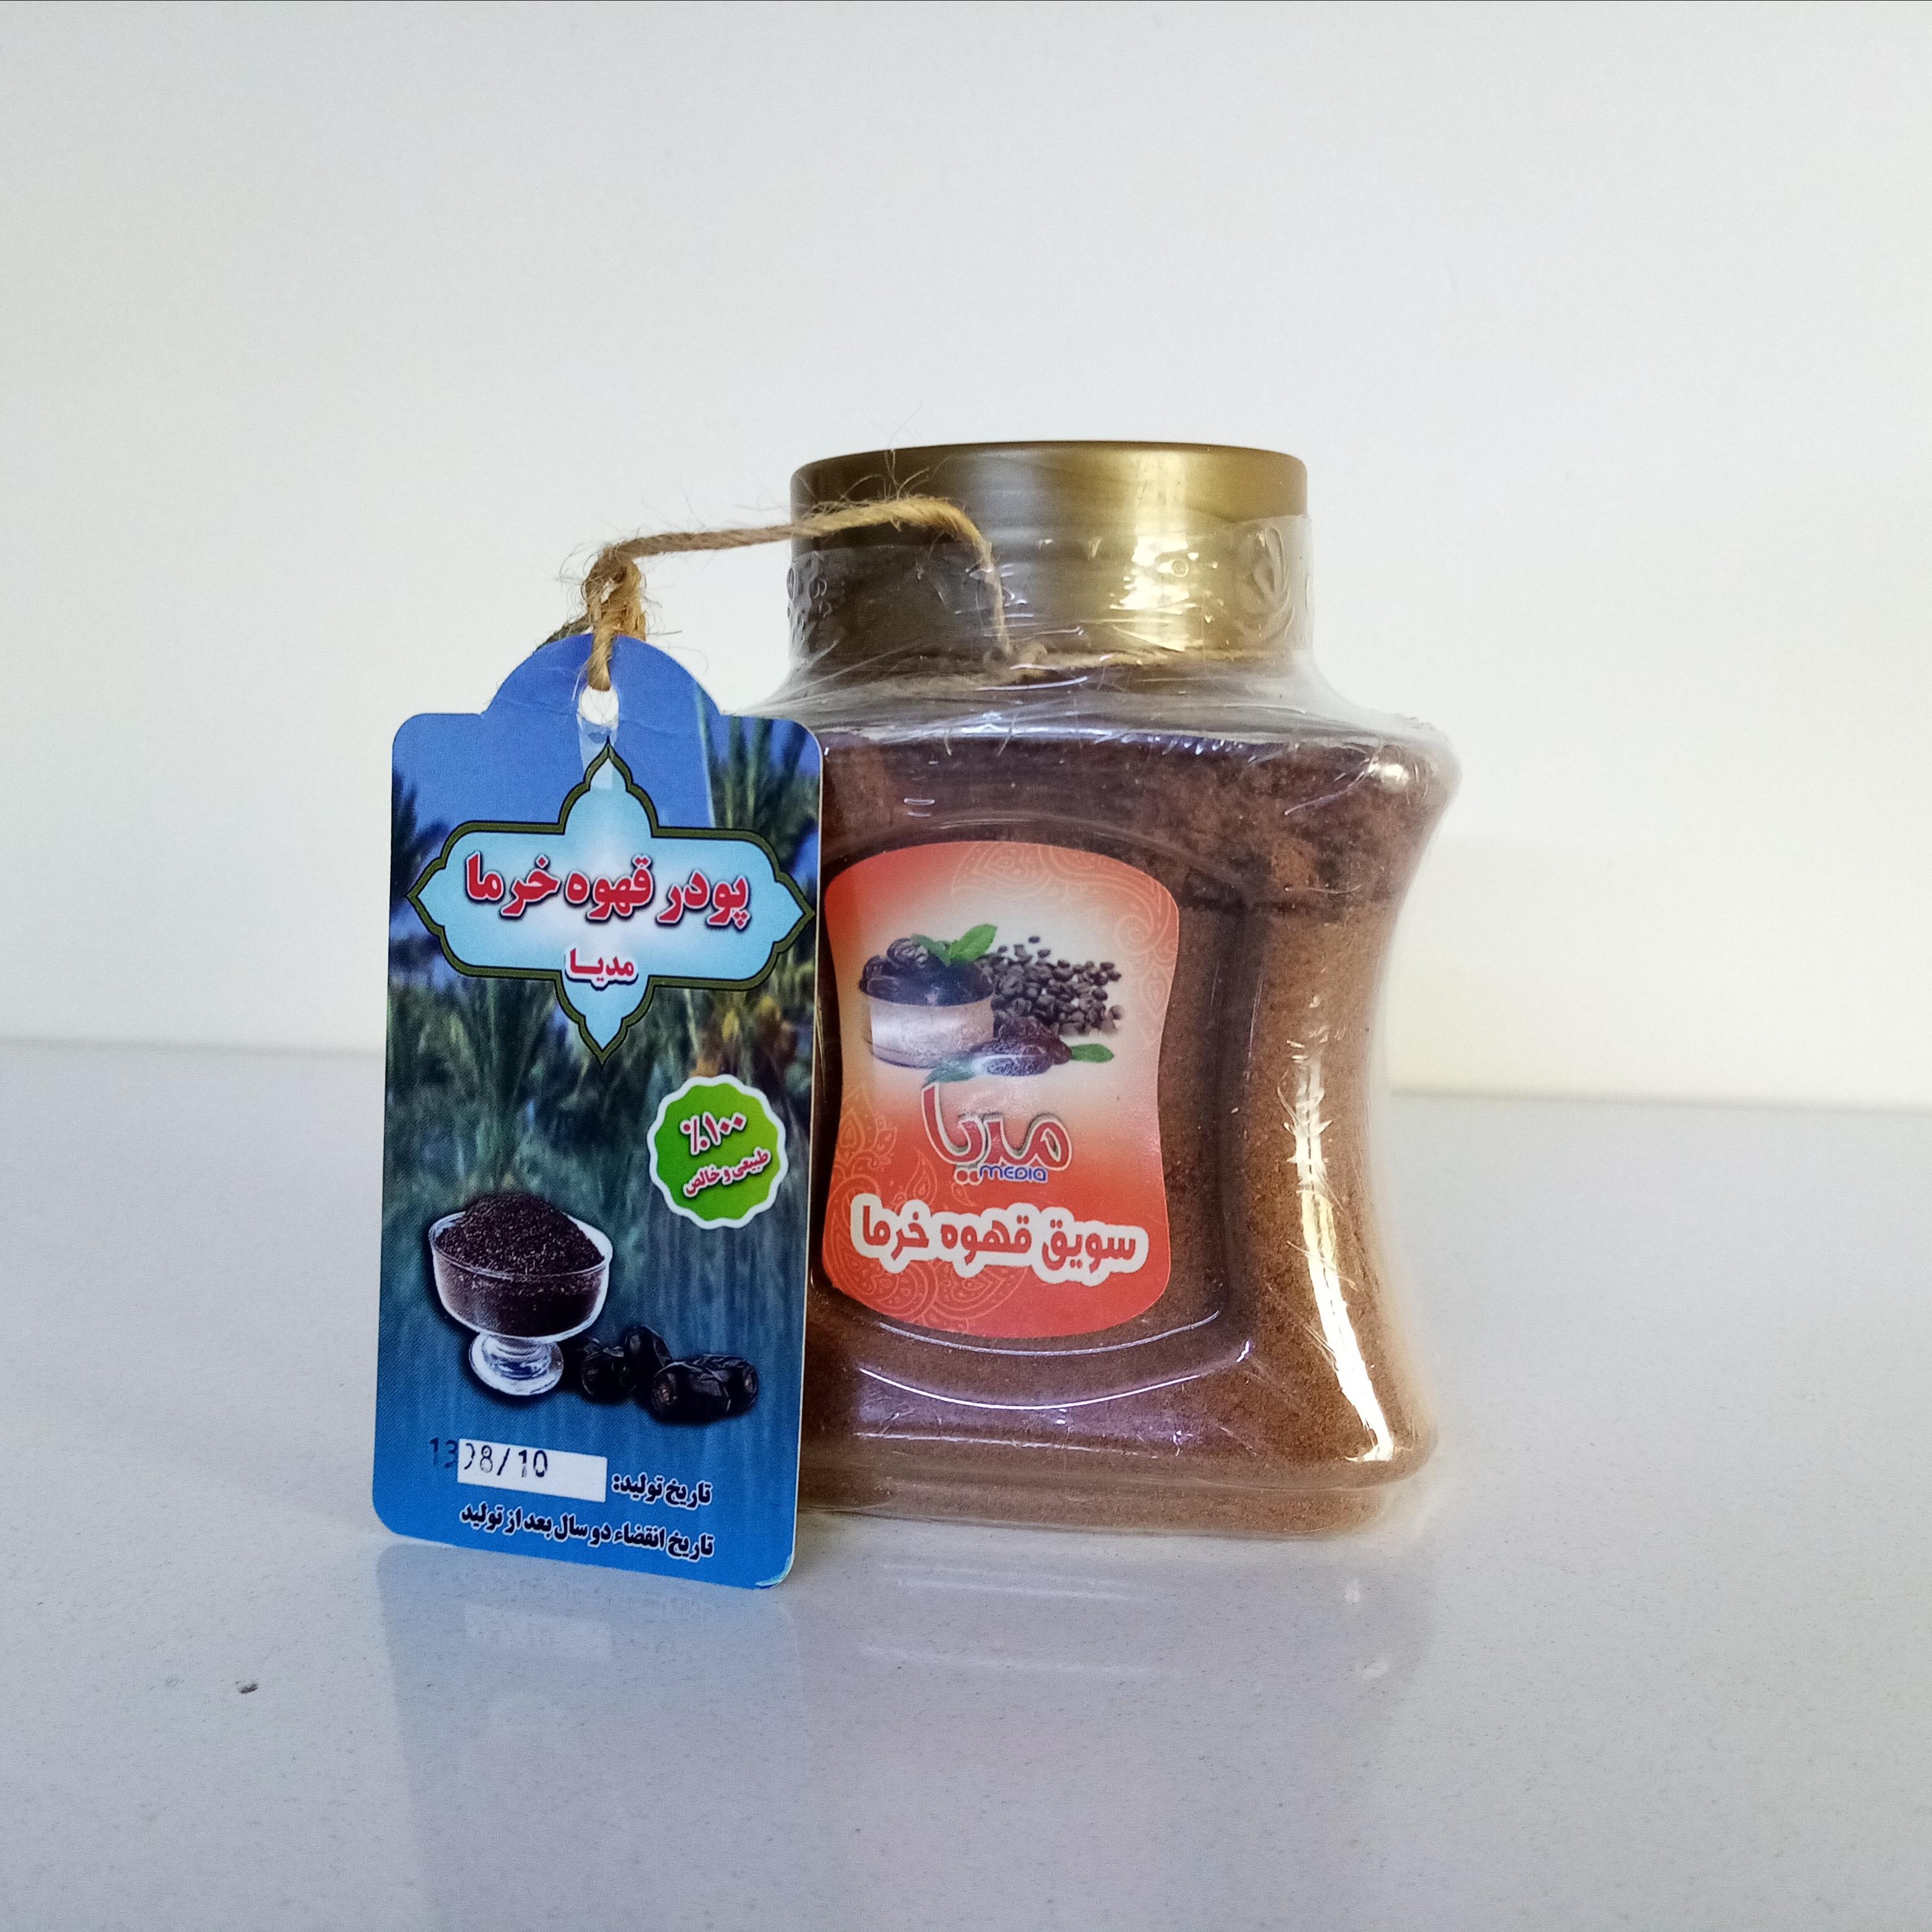 سویق قهوه خرما مدیا ۲۰۰ گرم